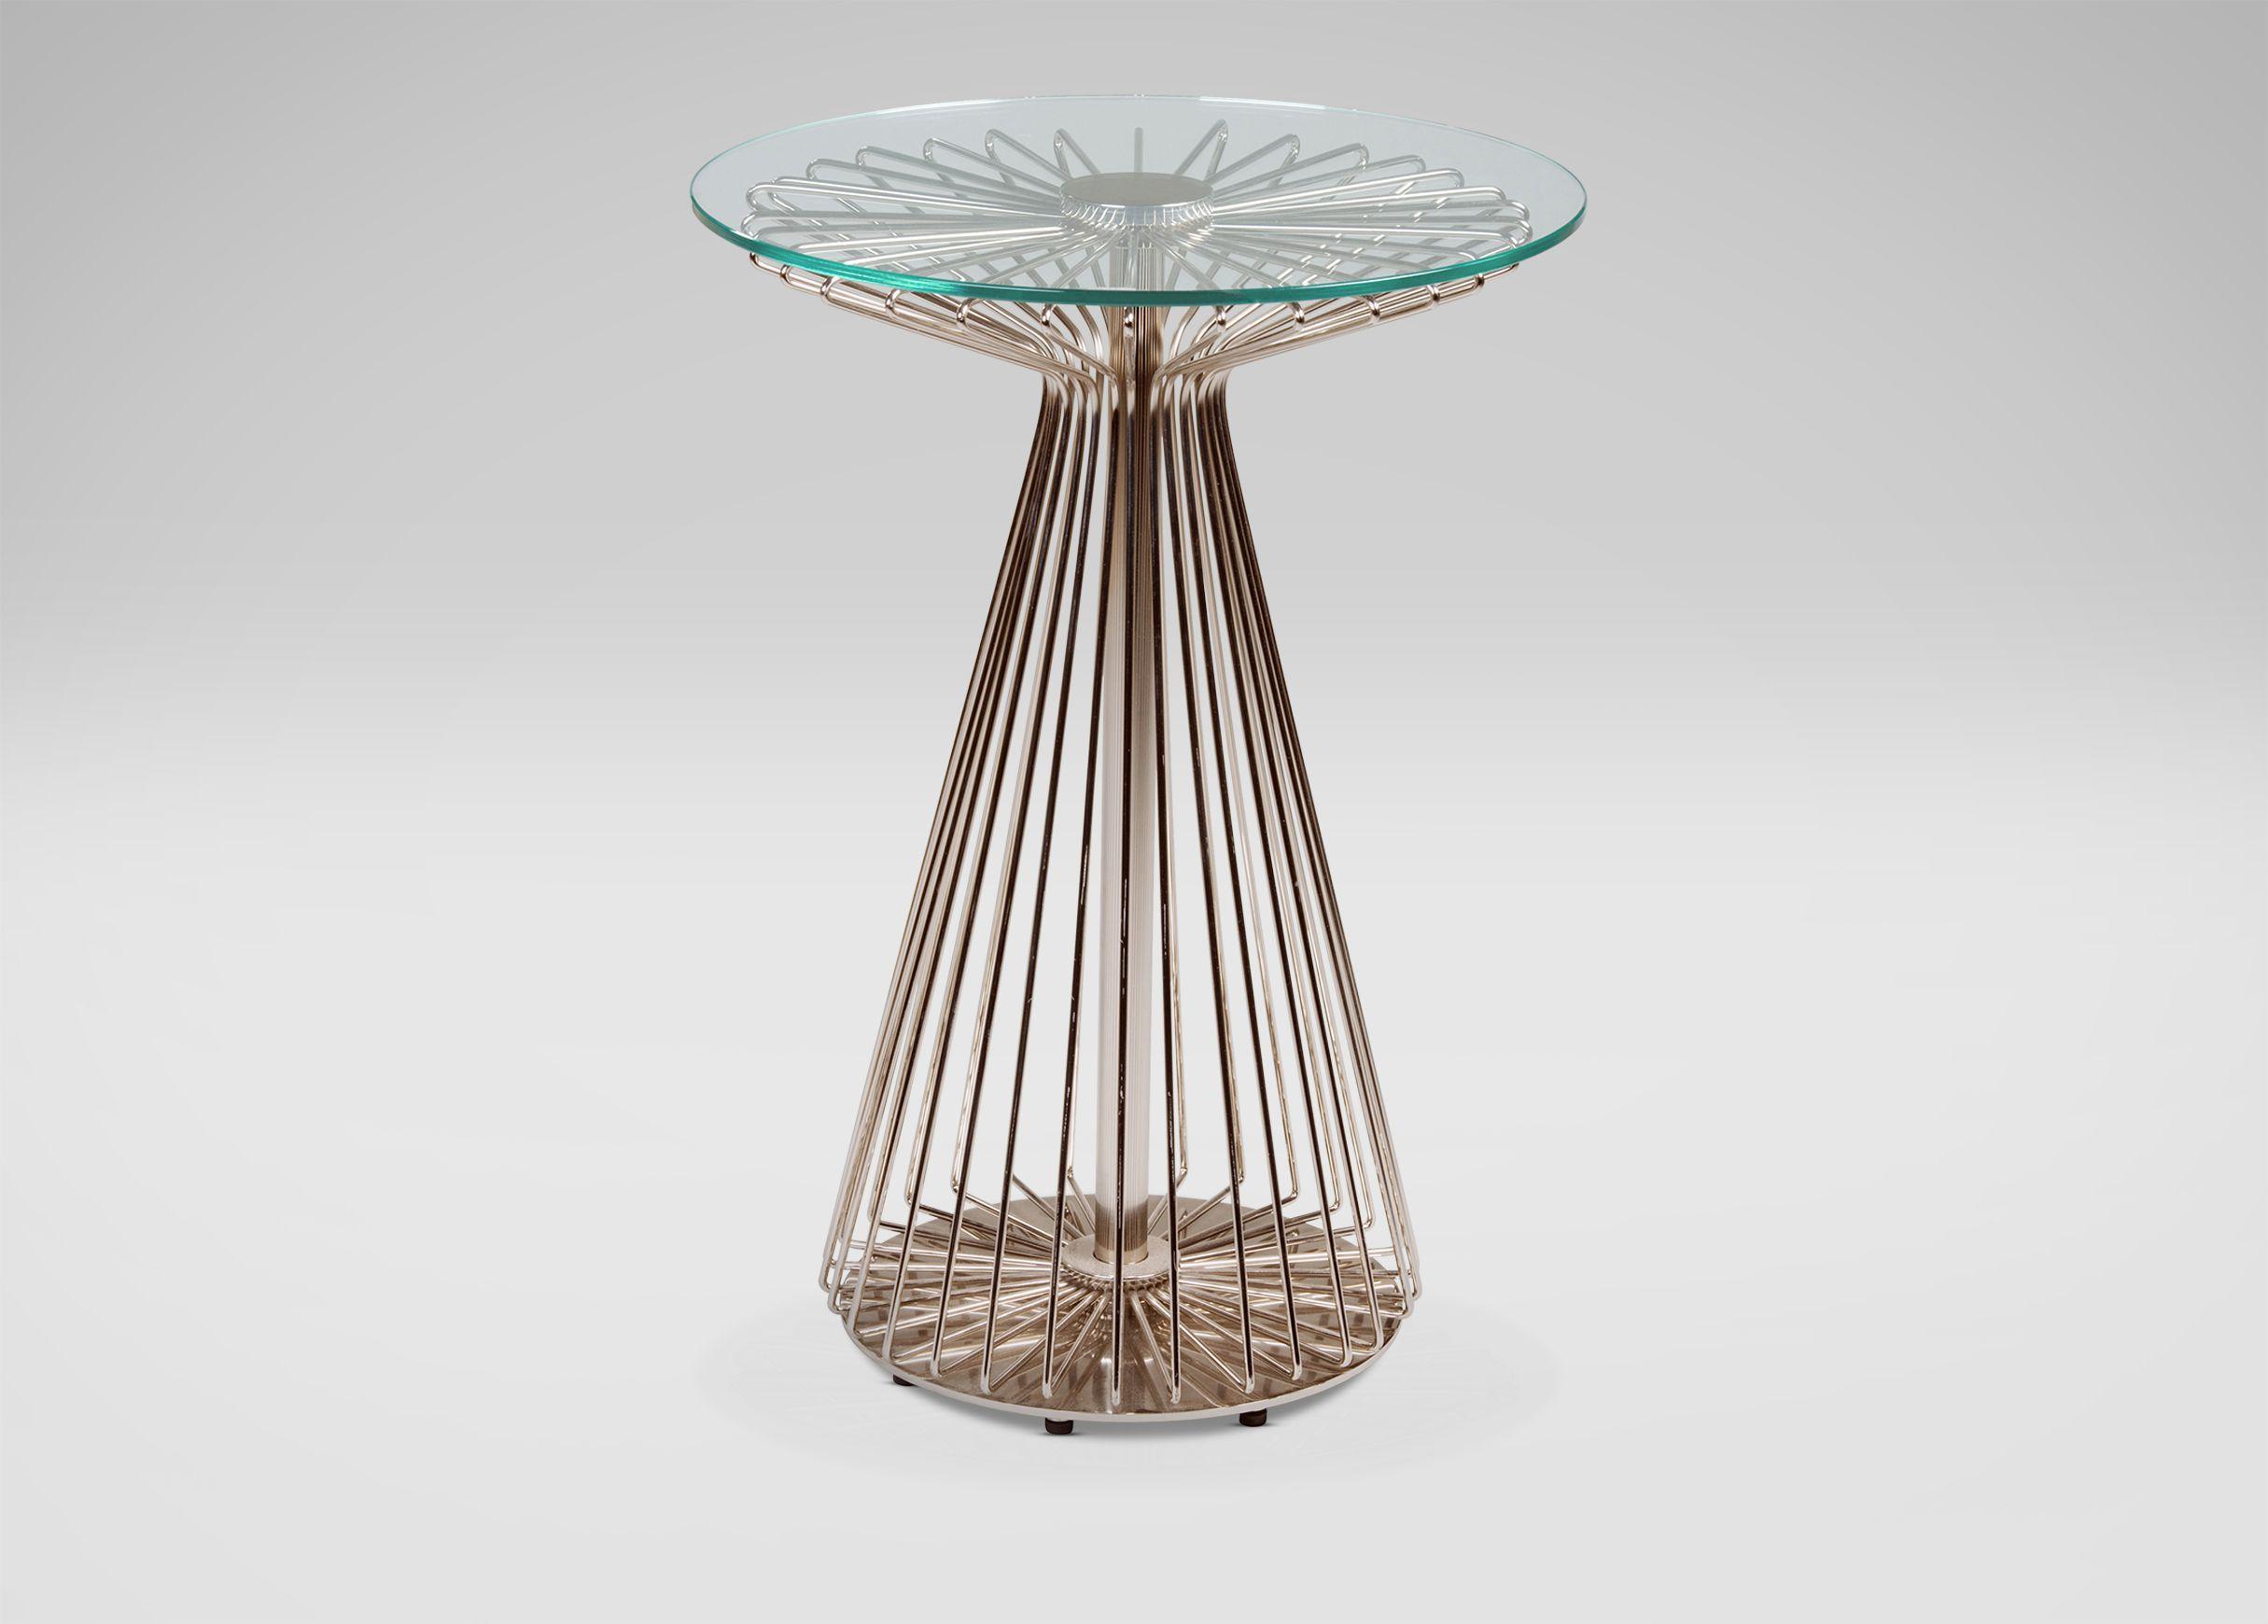 Marvelous Radial Table | Ethan Allen $739